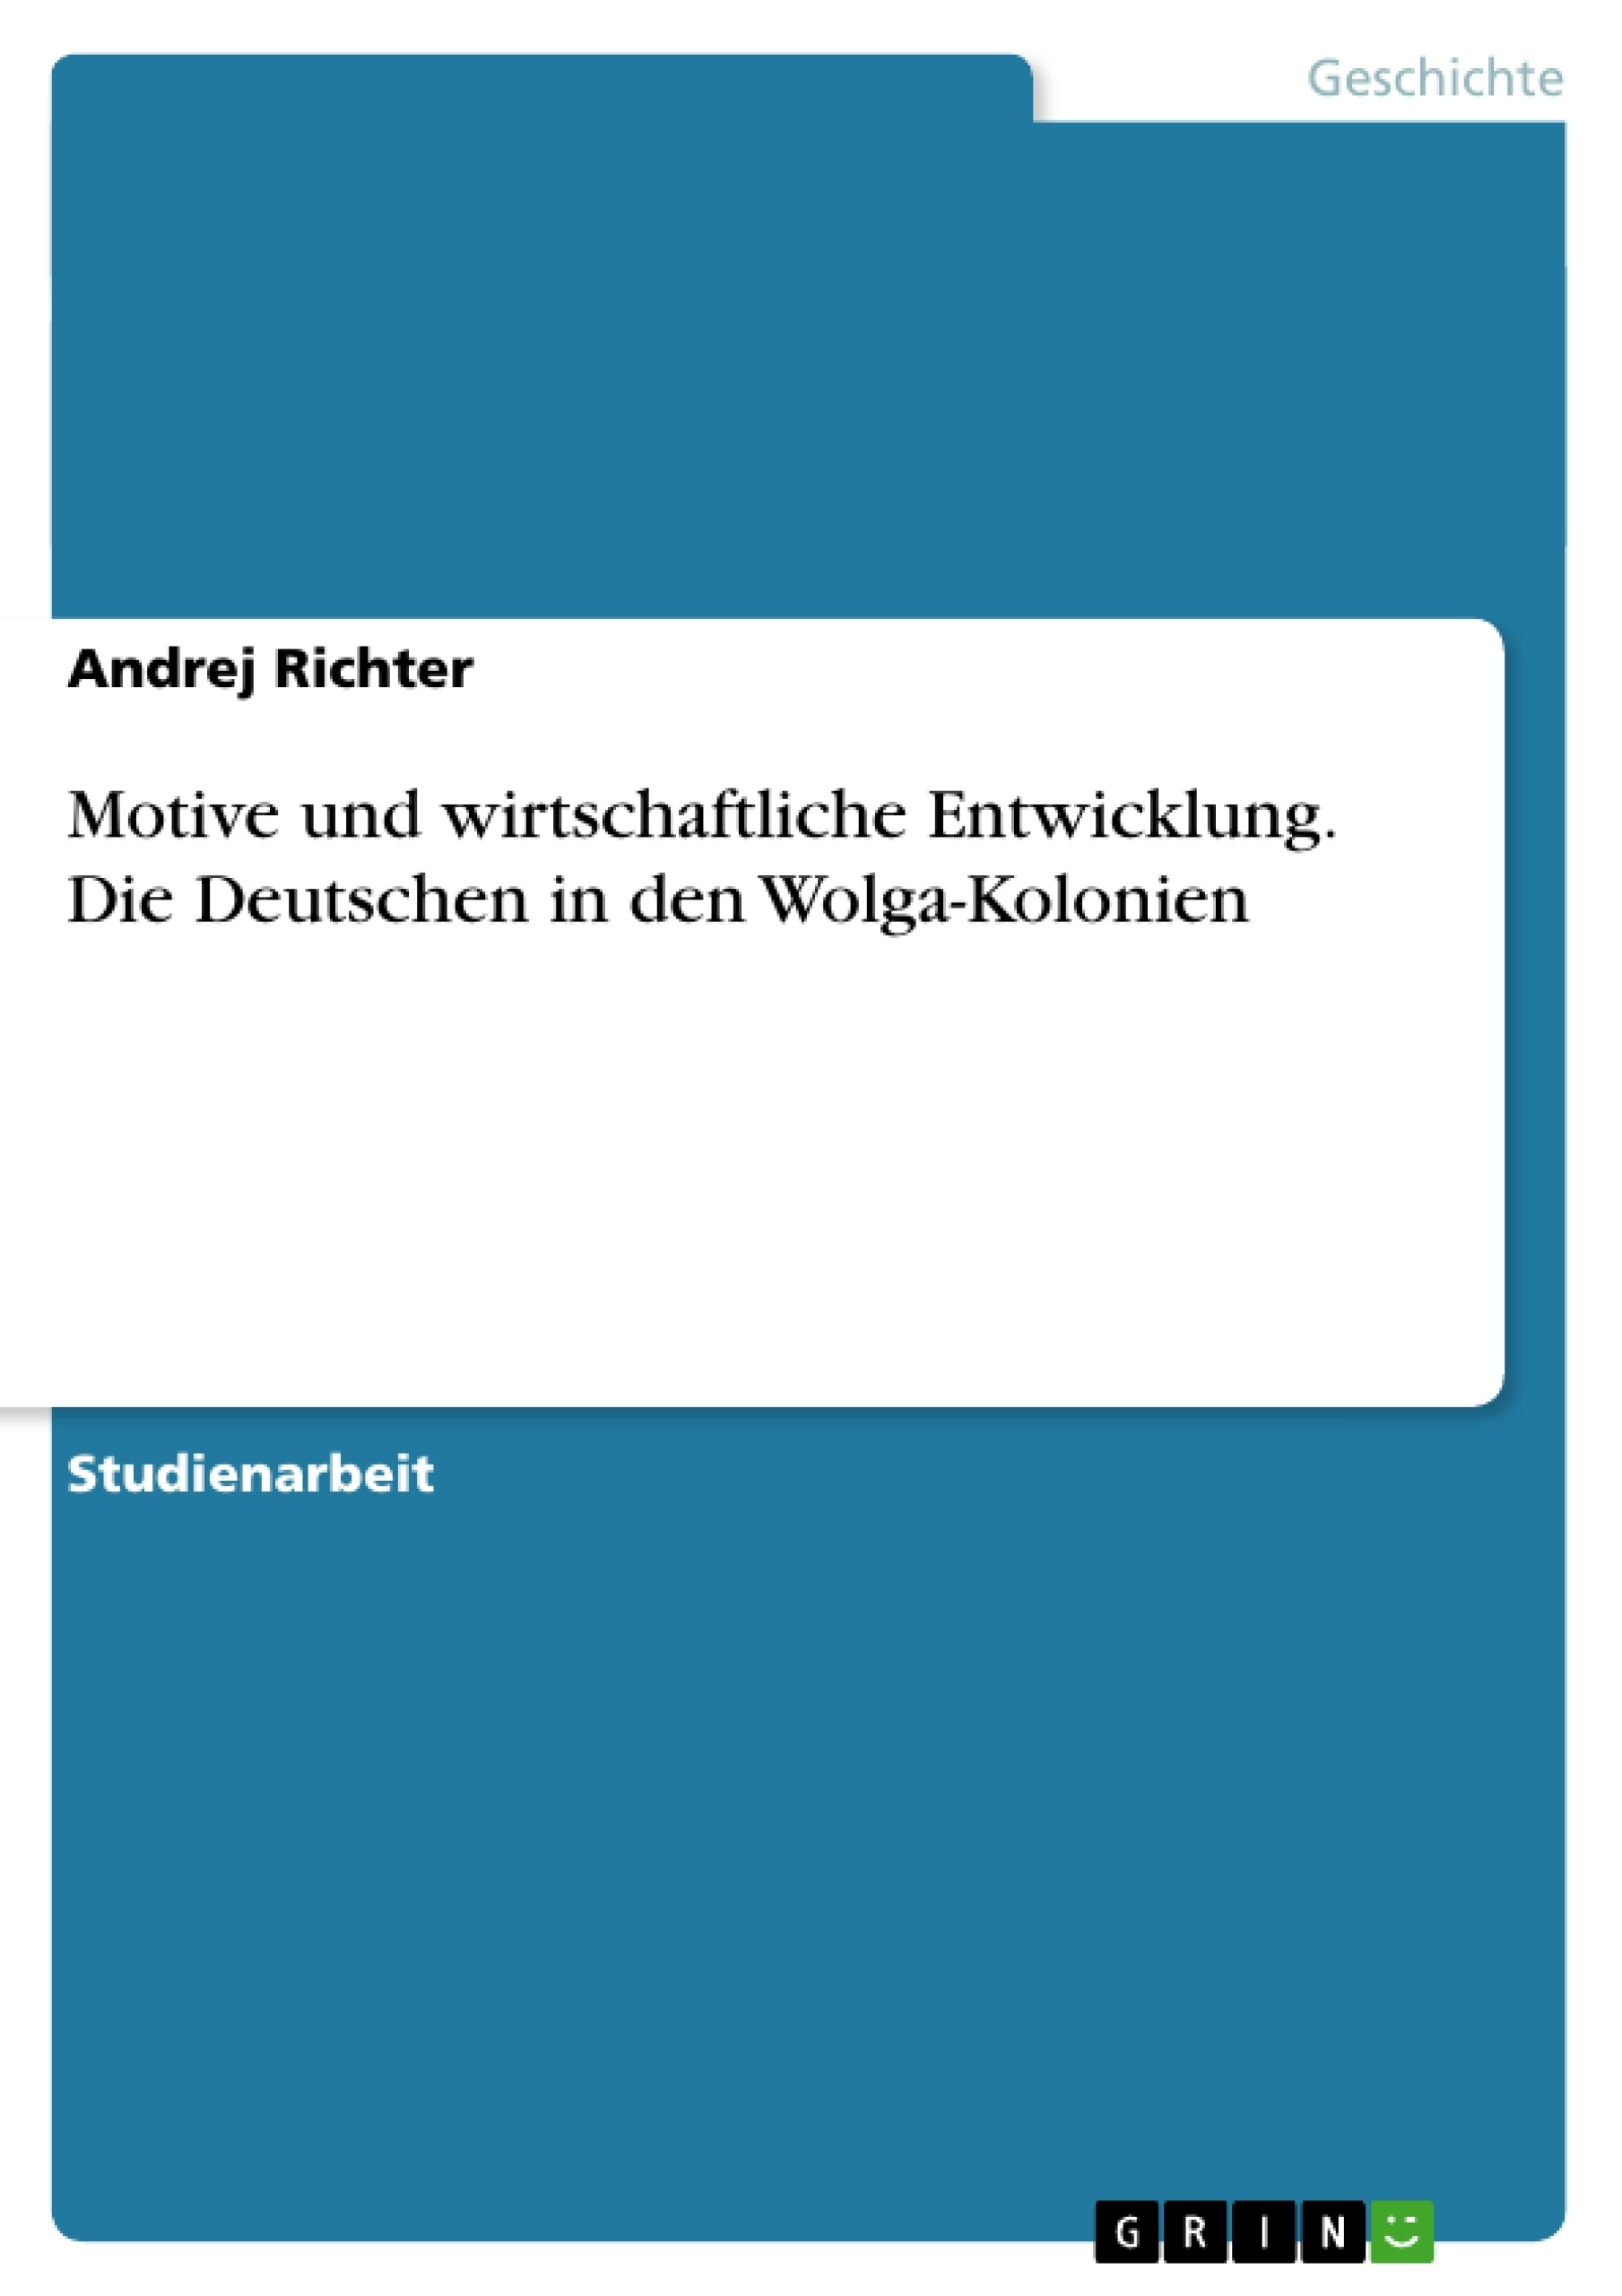 Titel: Motive und wirtschaftliche Entwicklung. Die Deutschen in den Wolga-Kolonien